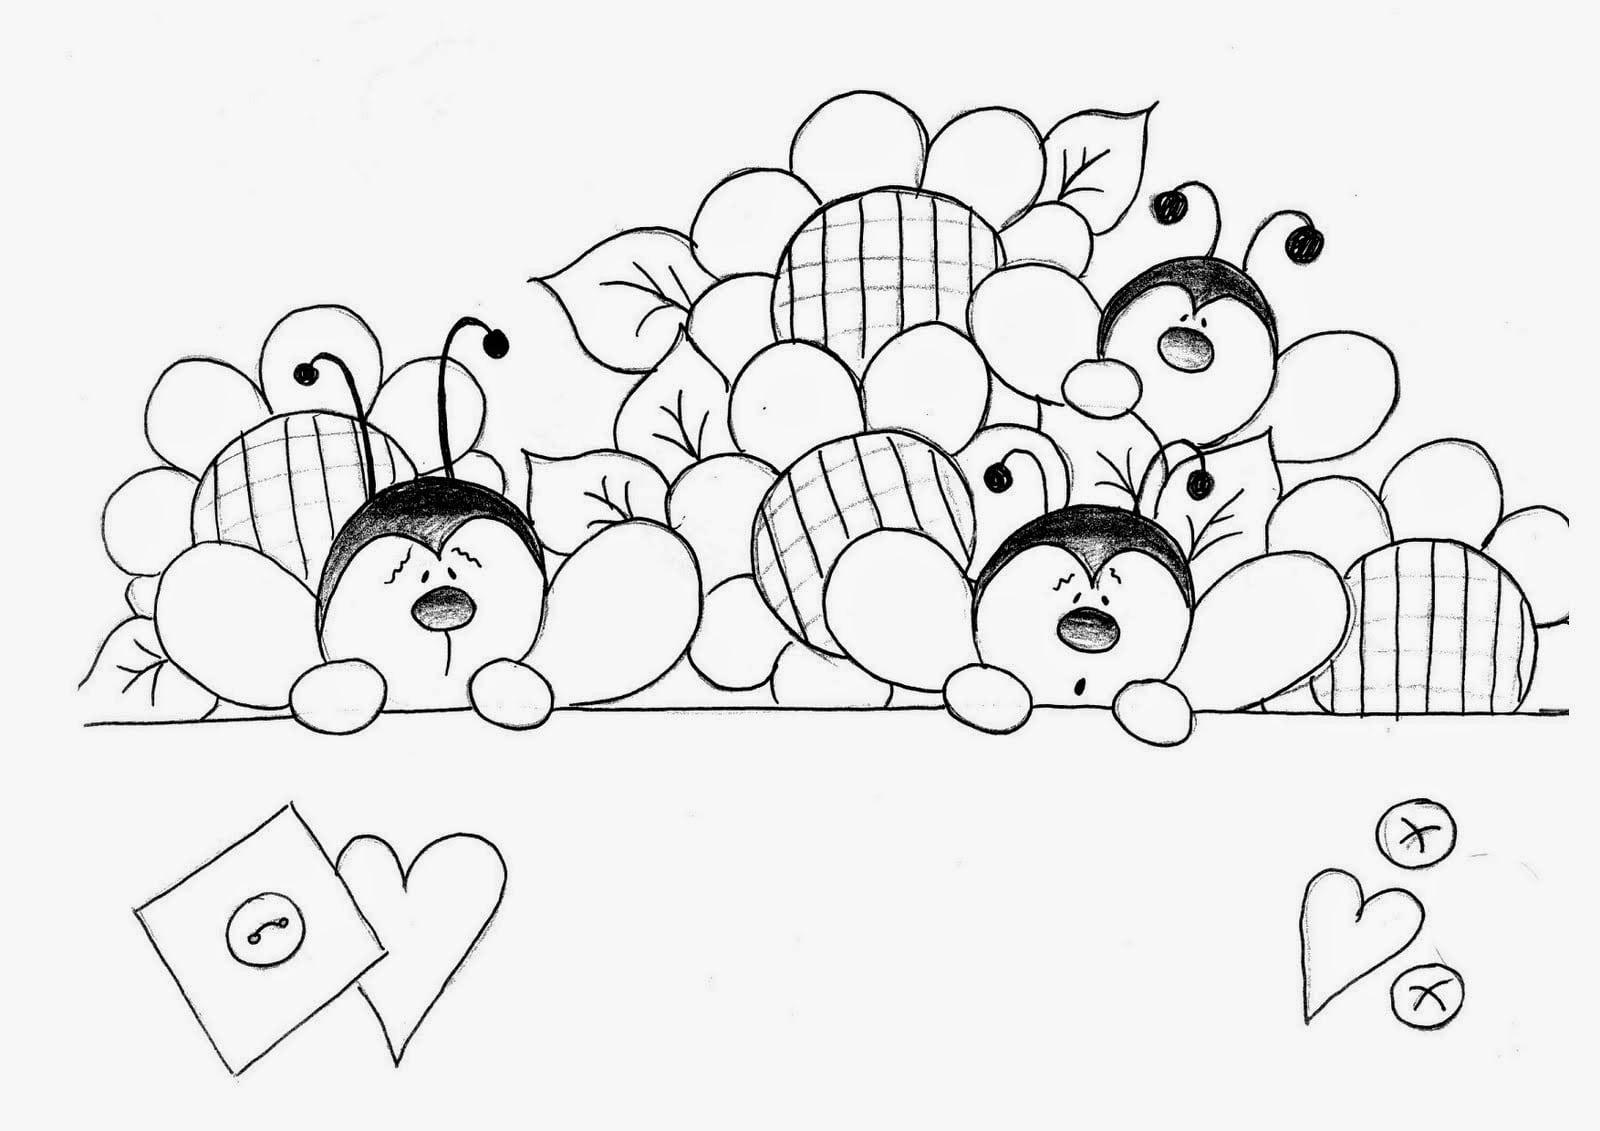 Muitos Moldes E Riscos De Joaninhas, Desenhos De Joaninhas Lindos